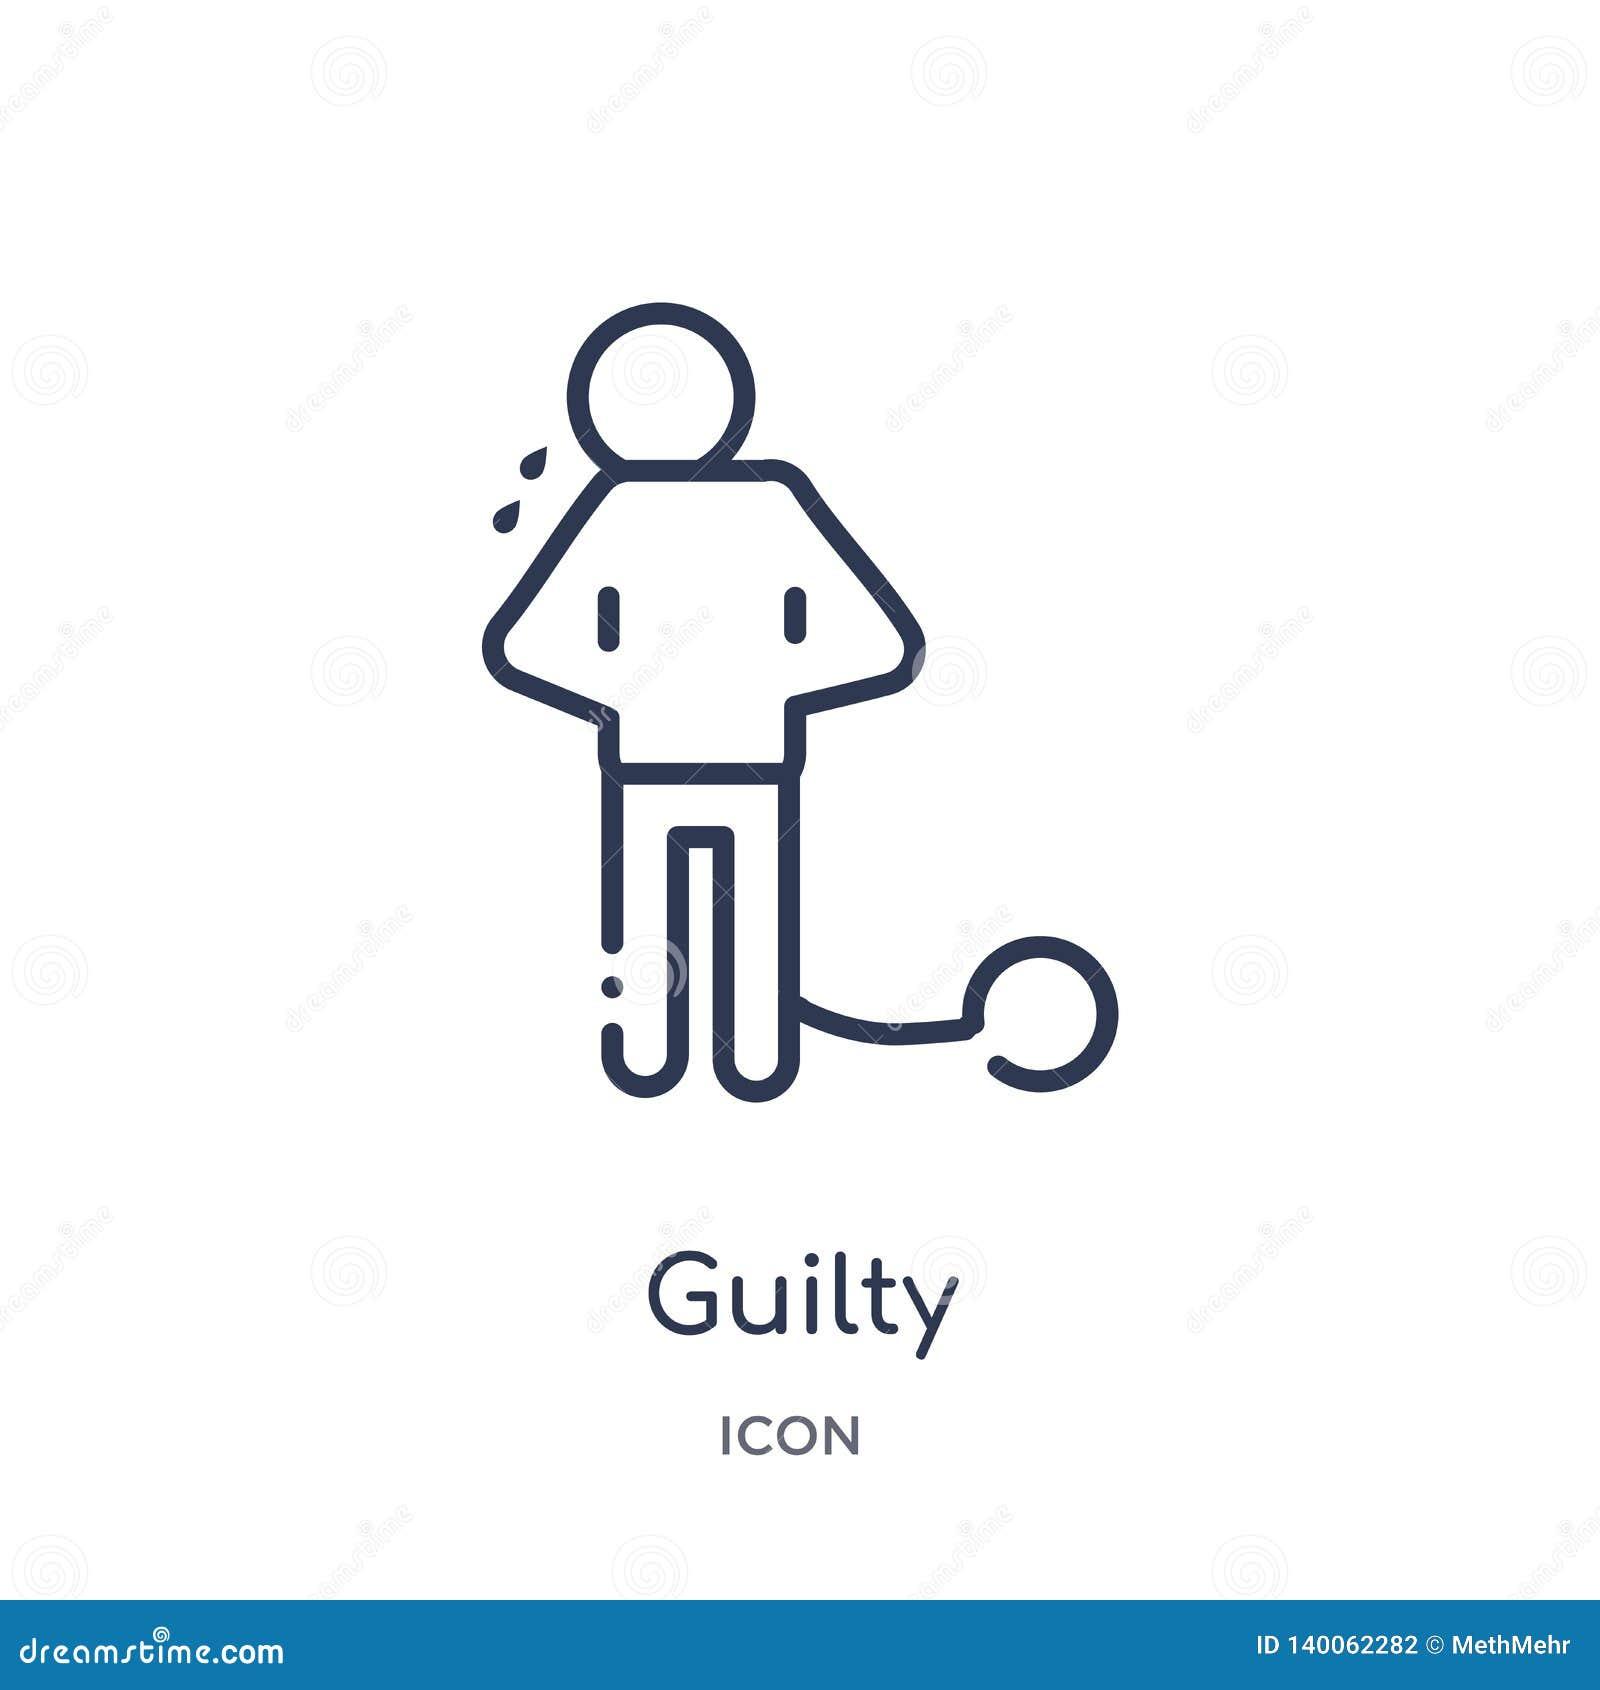 Icono culpable linear de la colección del esquema de la ley y de la justicia Línea fina icono culpable aislado en el fondo blanco